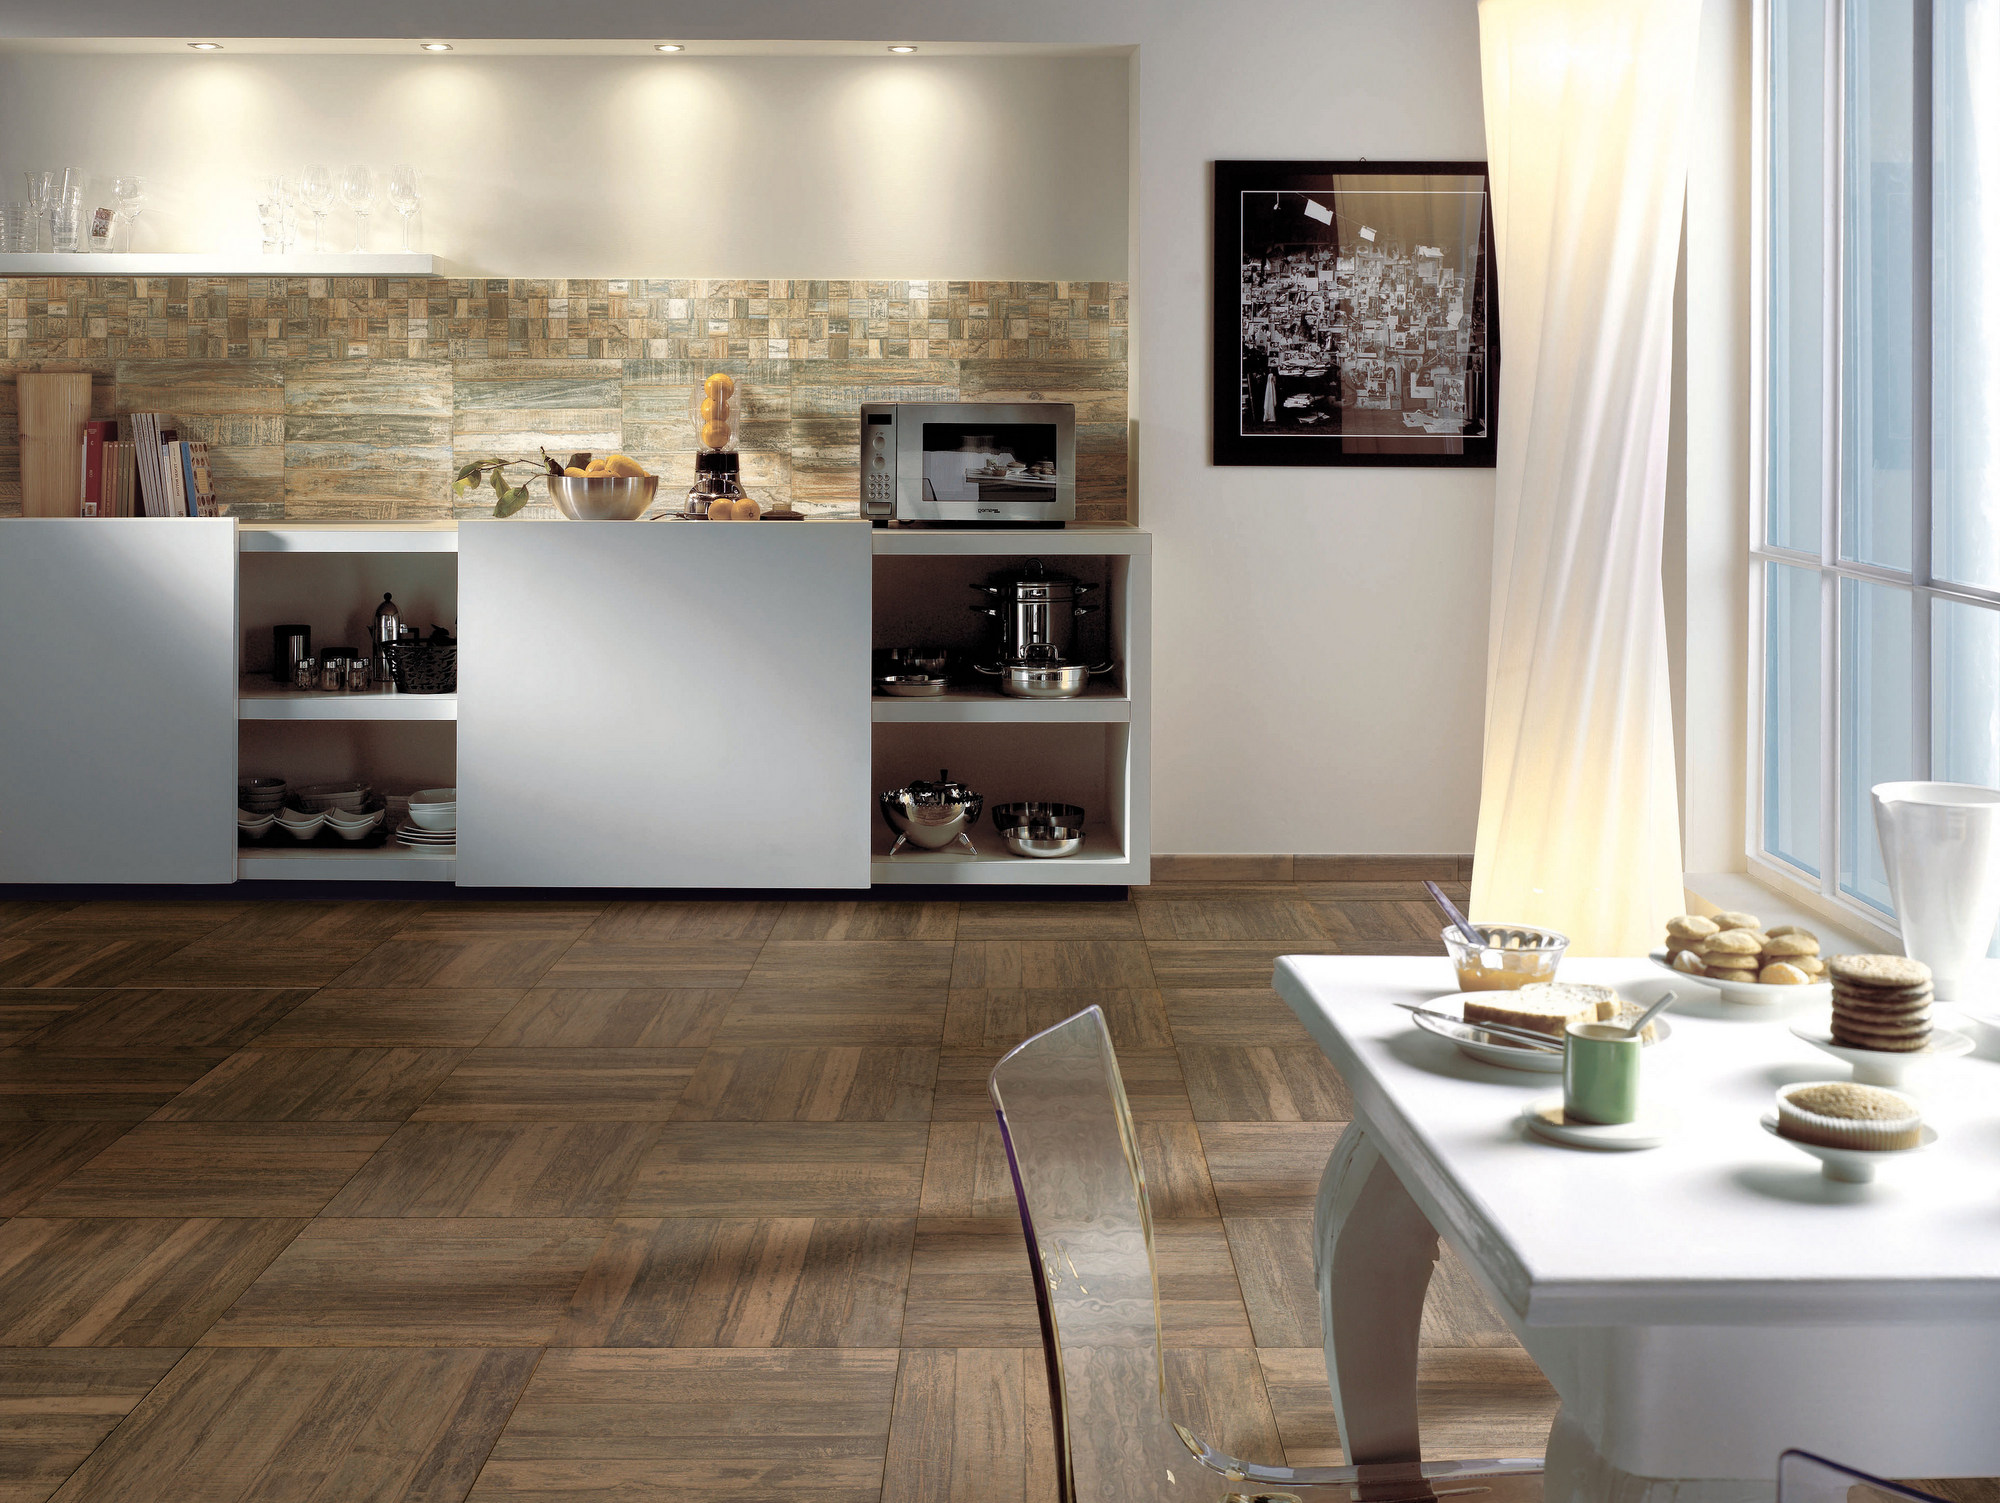 Pavimenti in finta pietra per interni - Mattonelle pavimento cucina ...